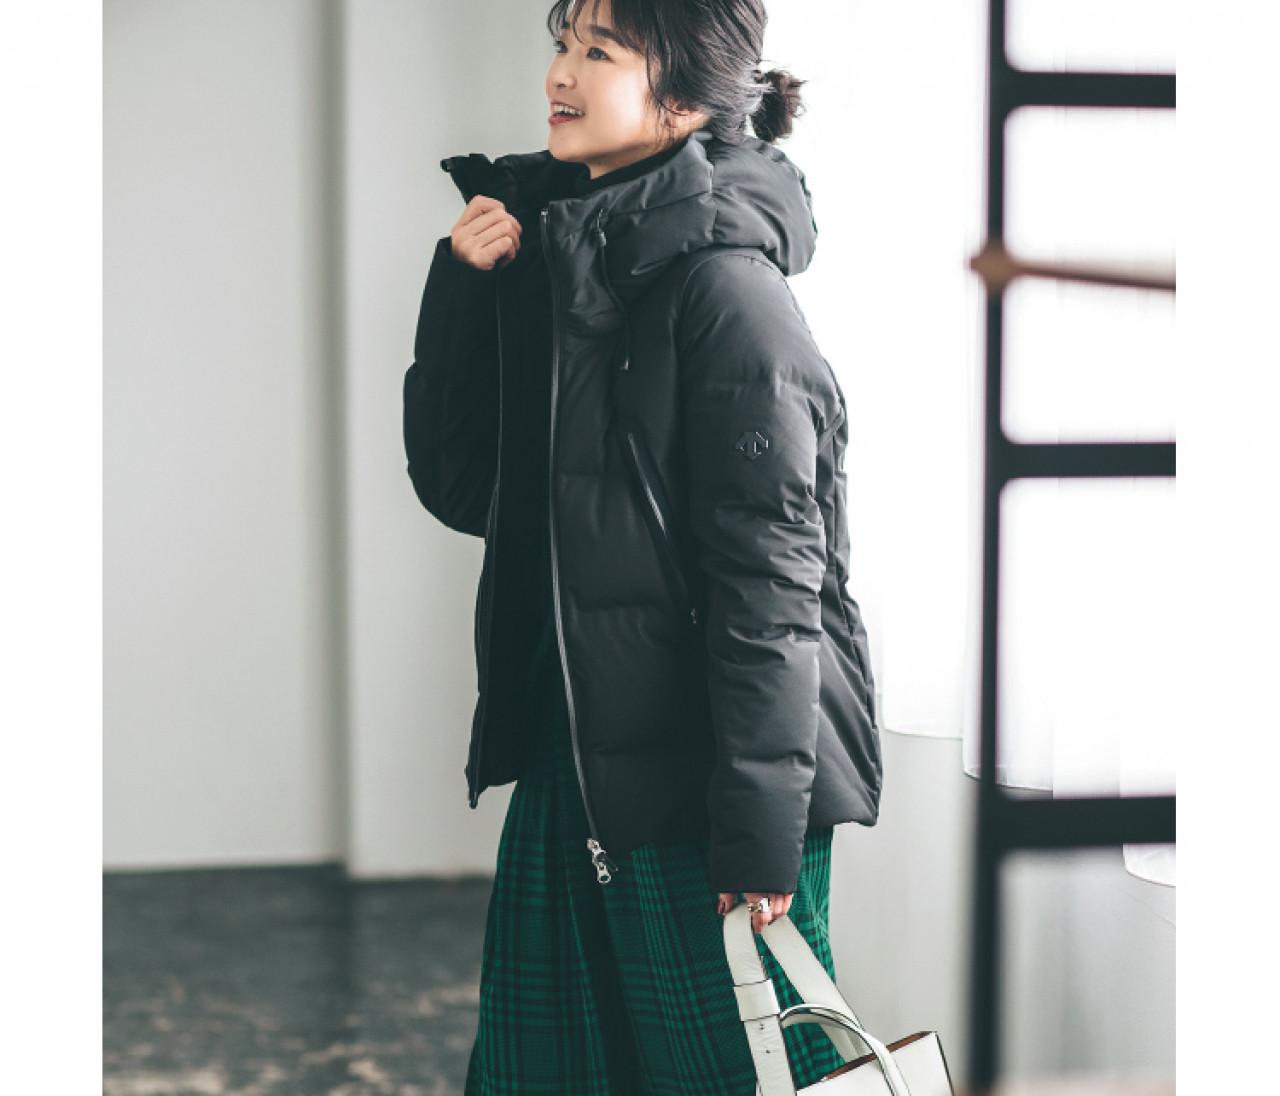 【30代スタイリストが私服でアンサーまとめ】リアルだから役に立つ。その冬服はもっと素敵に着られる!